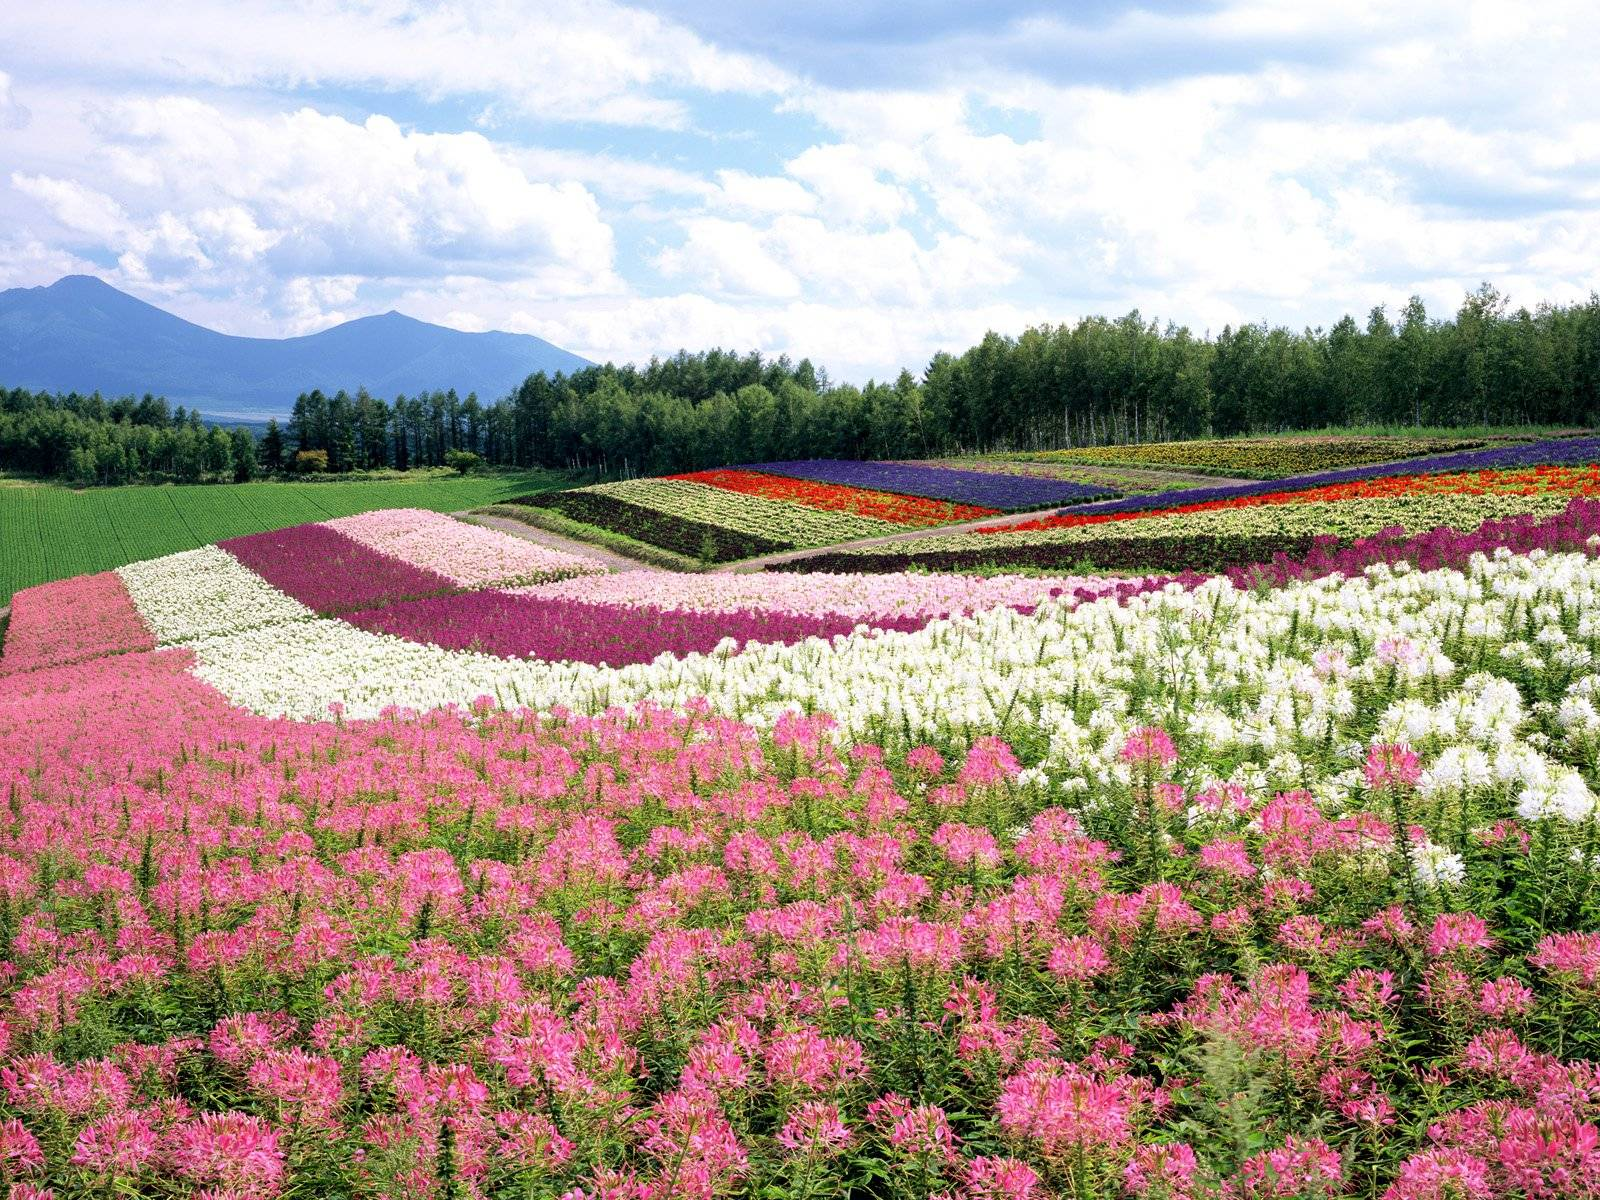 http://2.bp.blogspot.com/-yi46F7HuhvA/TVxi_LDGa4I/AAAAAAAAADk/17WNRNgBIsE/s1600/tb2.jpg